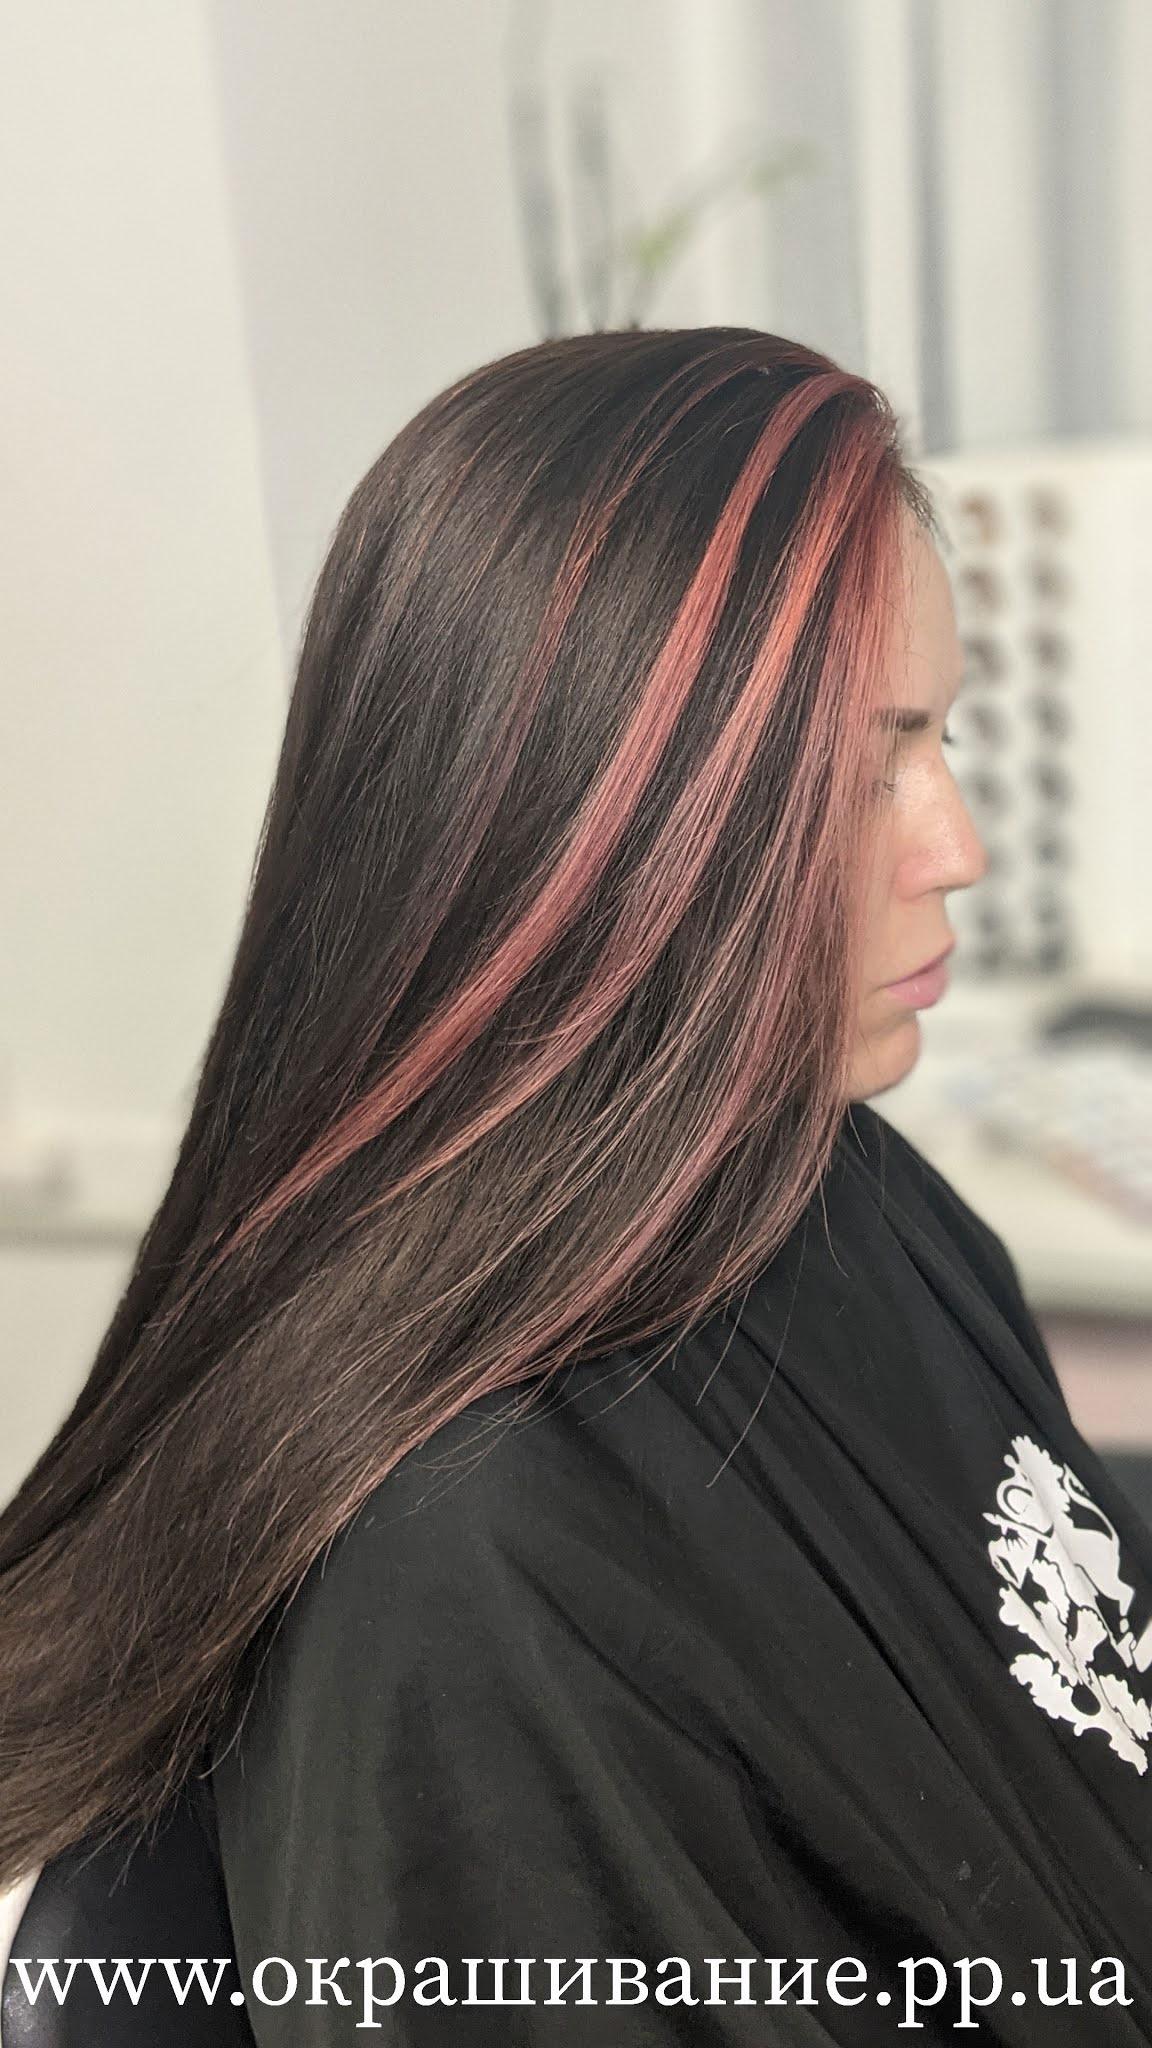 Контуринг волос в Харькове